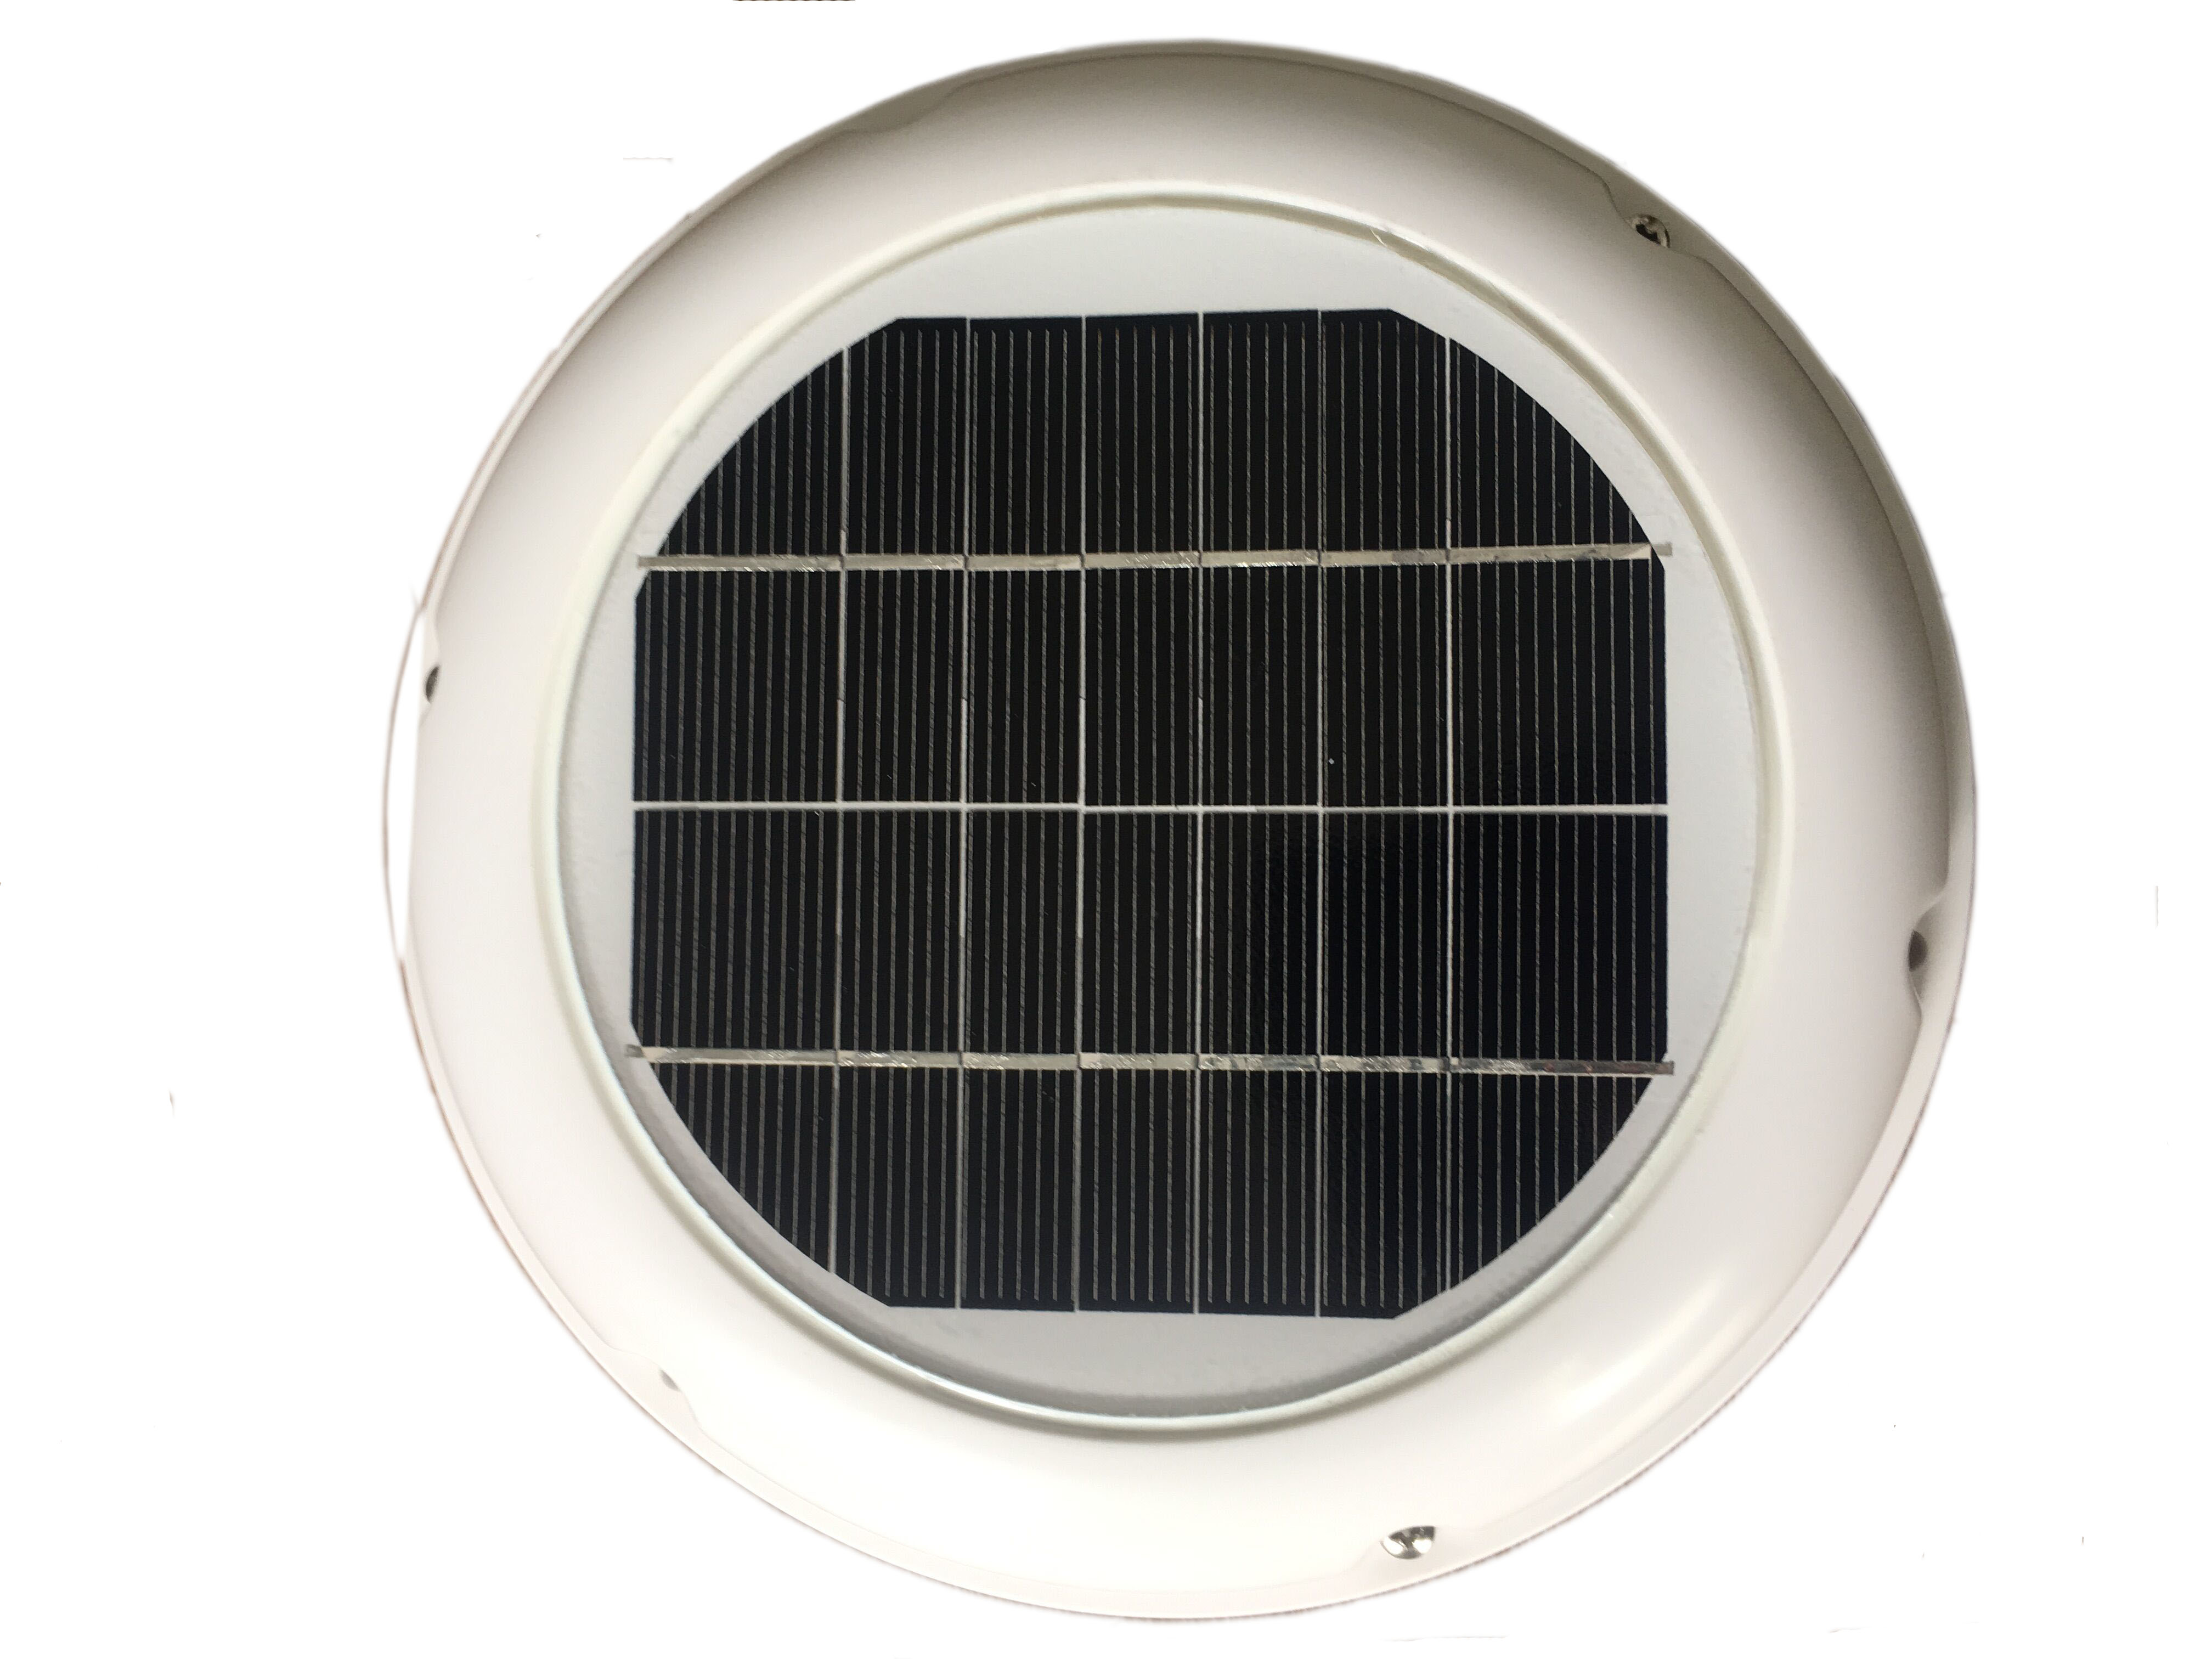 2.5W ventilateur solaire ventilateur VENTILATION automatique utilisé pour salle de bain hangar maison CONSERVATIONS caravanes bateaux maison verte